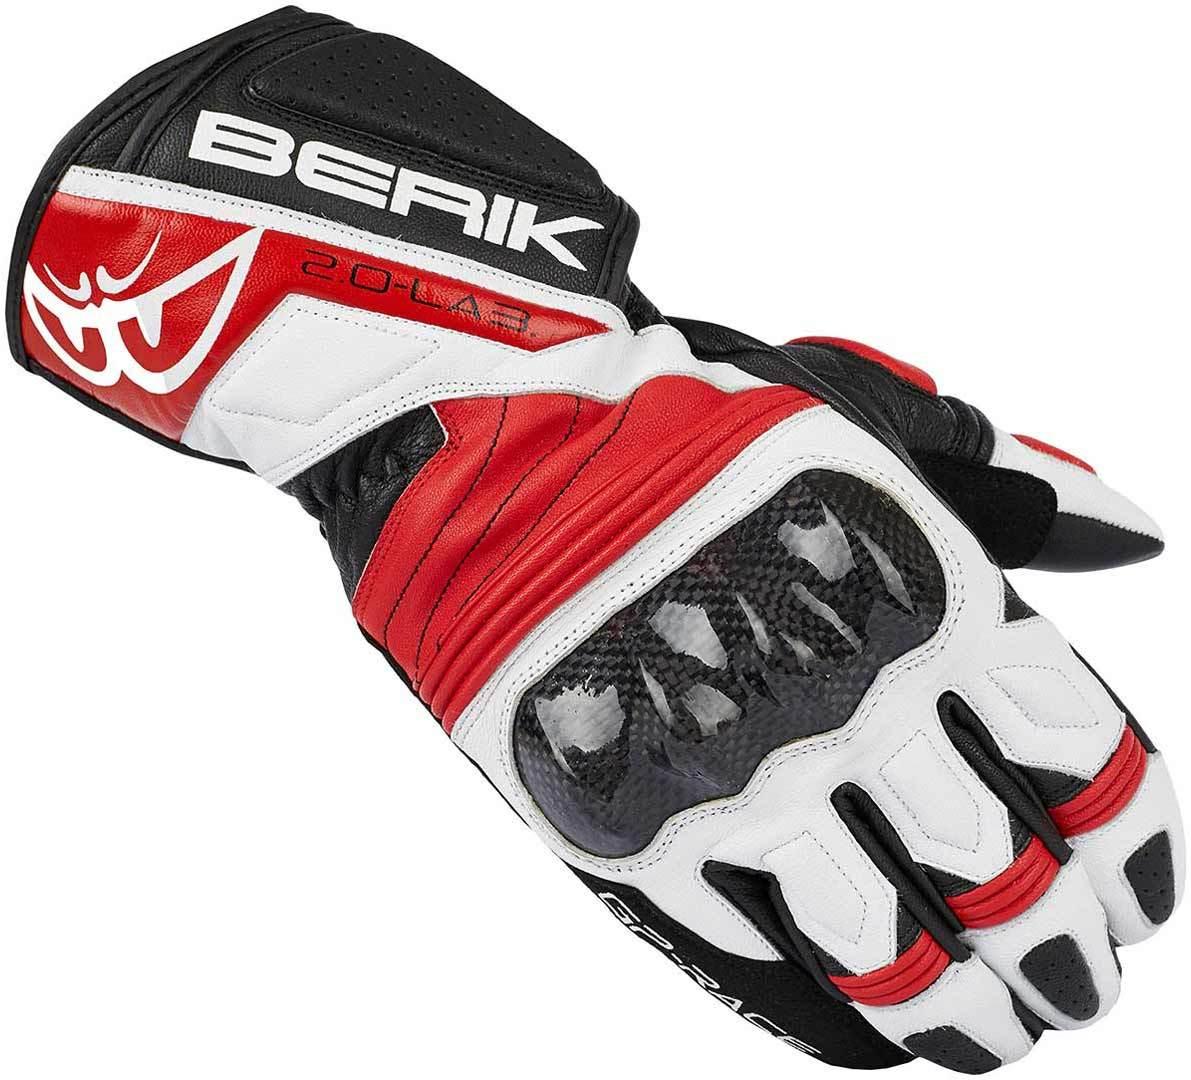 Berik Zoldar Motorradhandschuhe, schwarz-weiss-rot, Größe S, schwarz-weiss-rot, Größe S